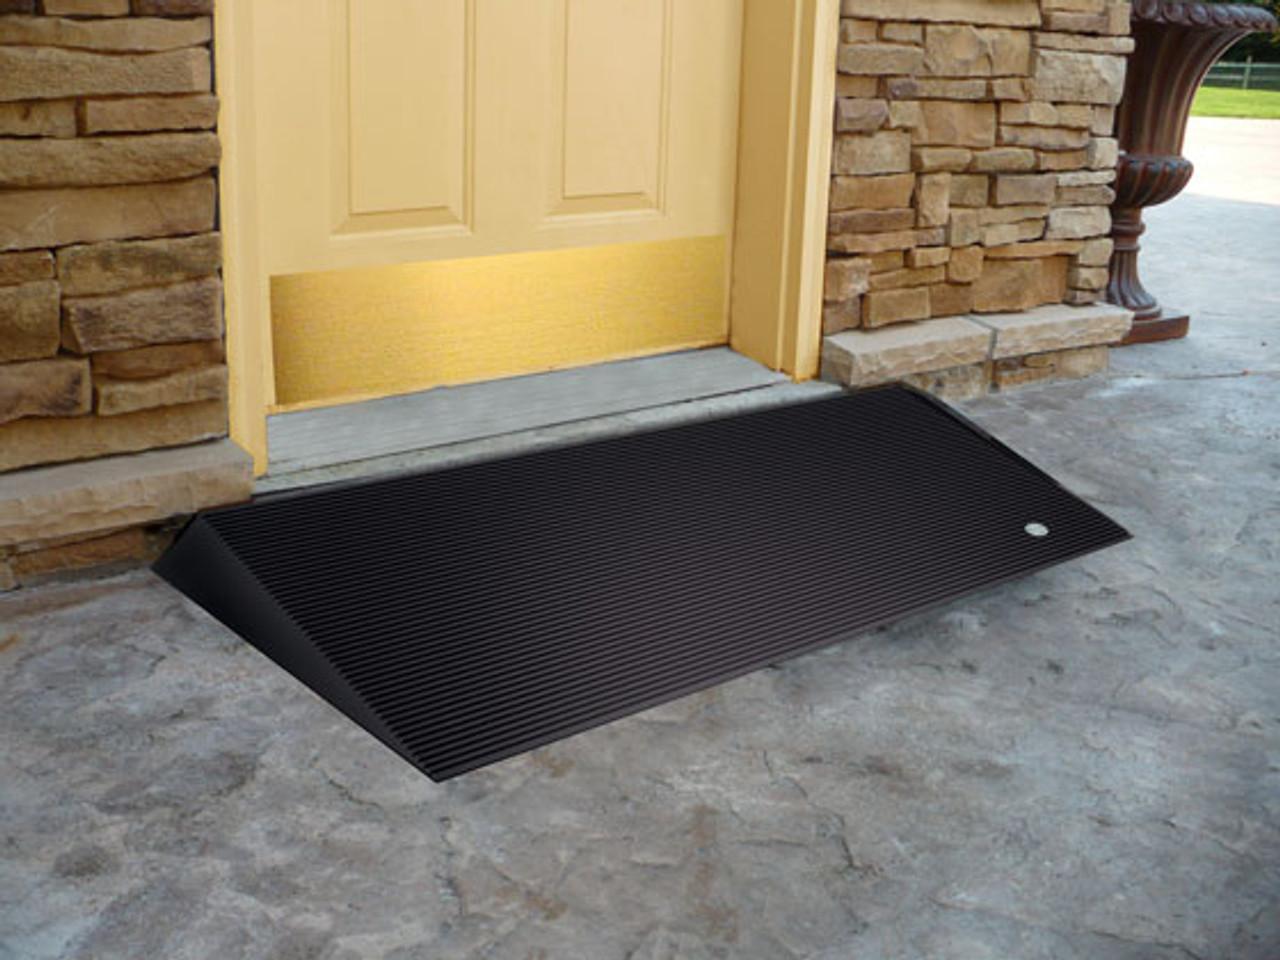 2.5 inch high entry mat a front door